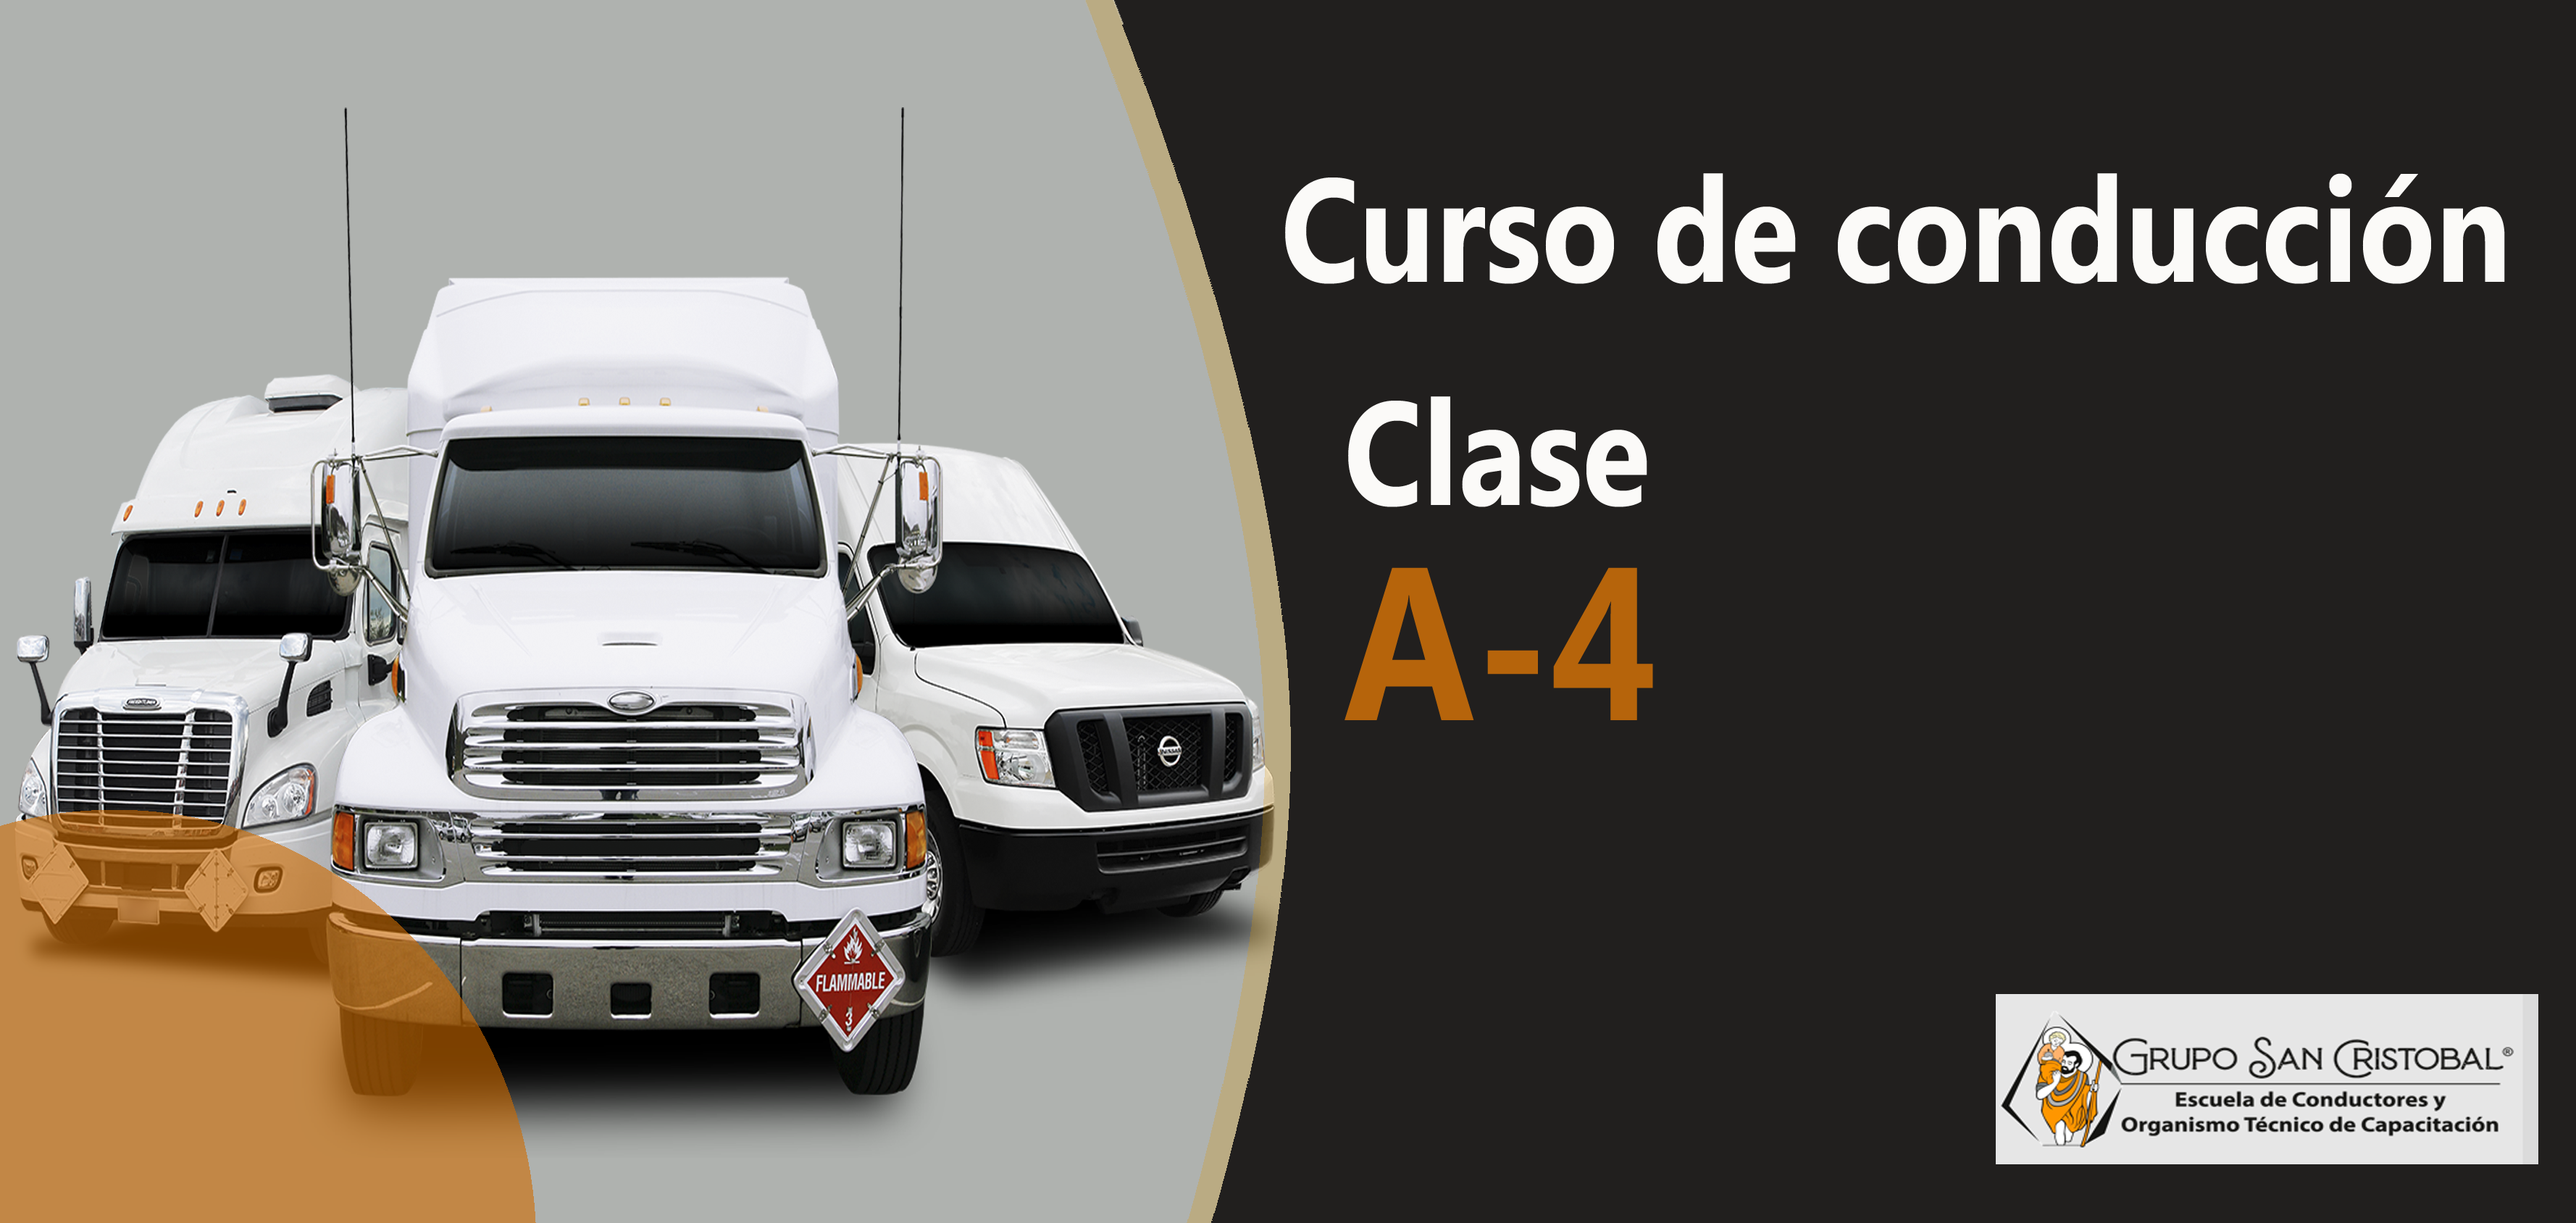 Conducción profesional Clase A-4 Convalidación